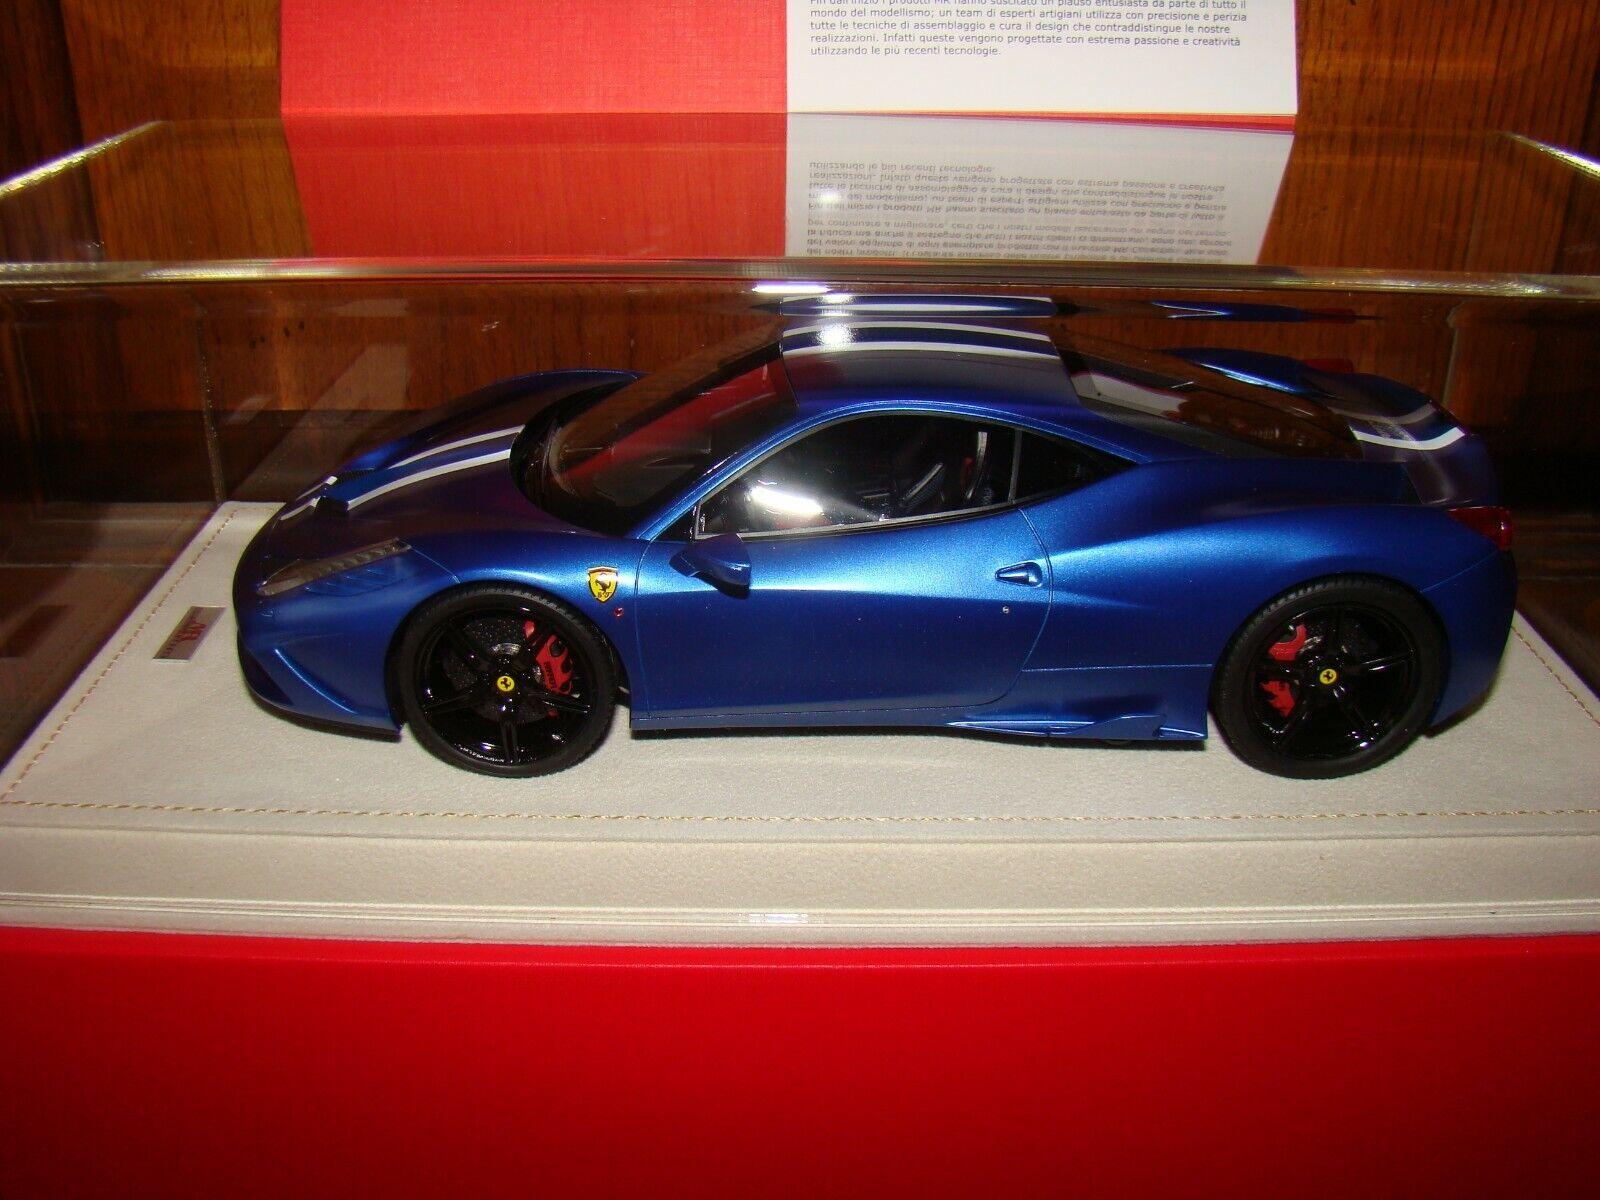 comprar nuevo barato FERRARI 458 SPECIALE  MR COLLECTION  MATT azul    1 18 EME  SPECIALE NEW ACE RARE  venta